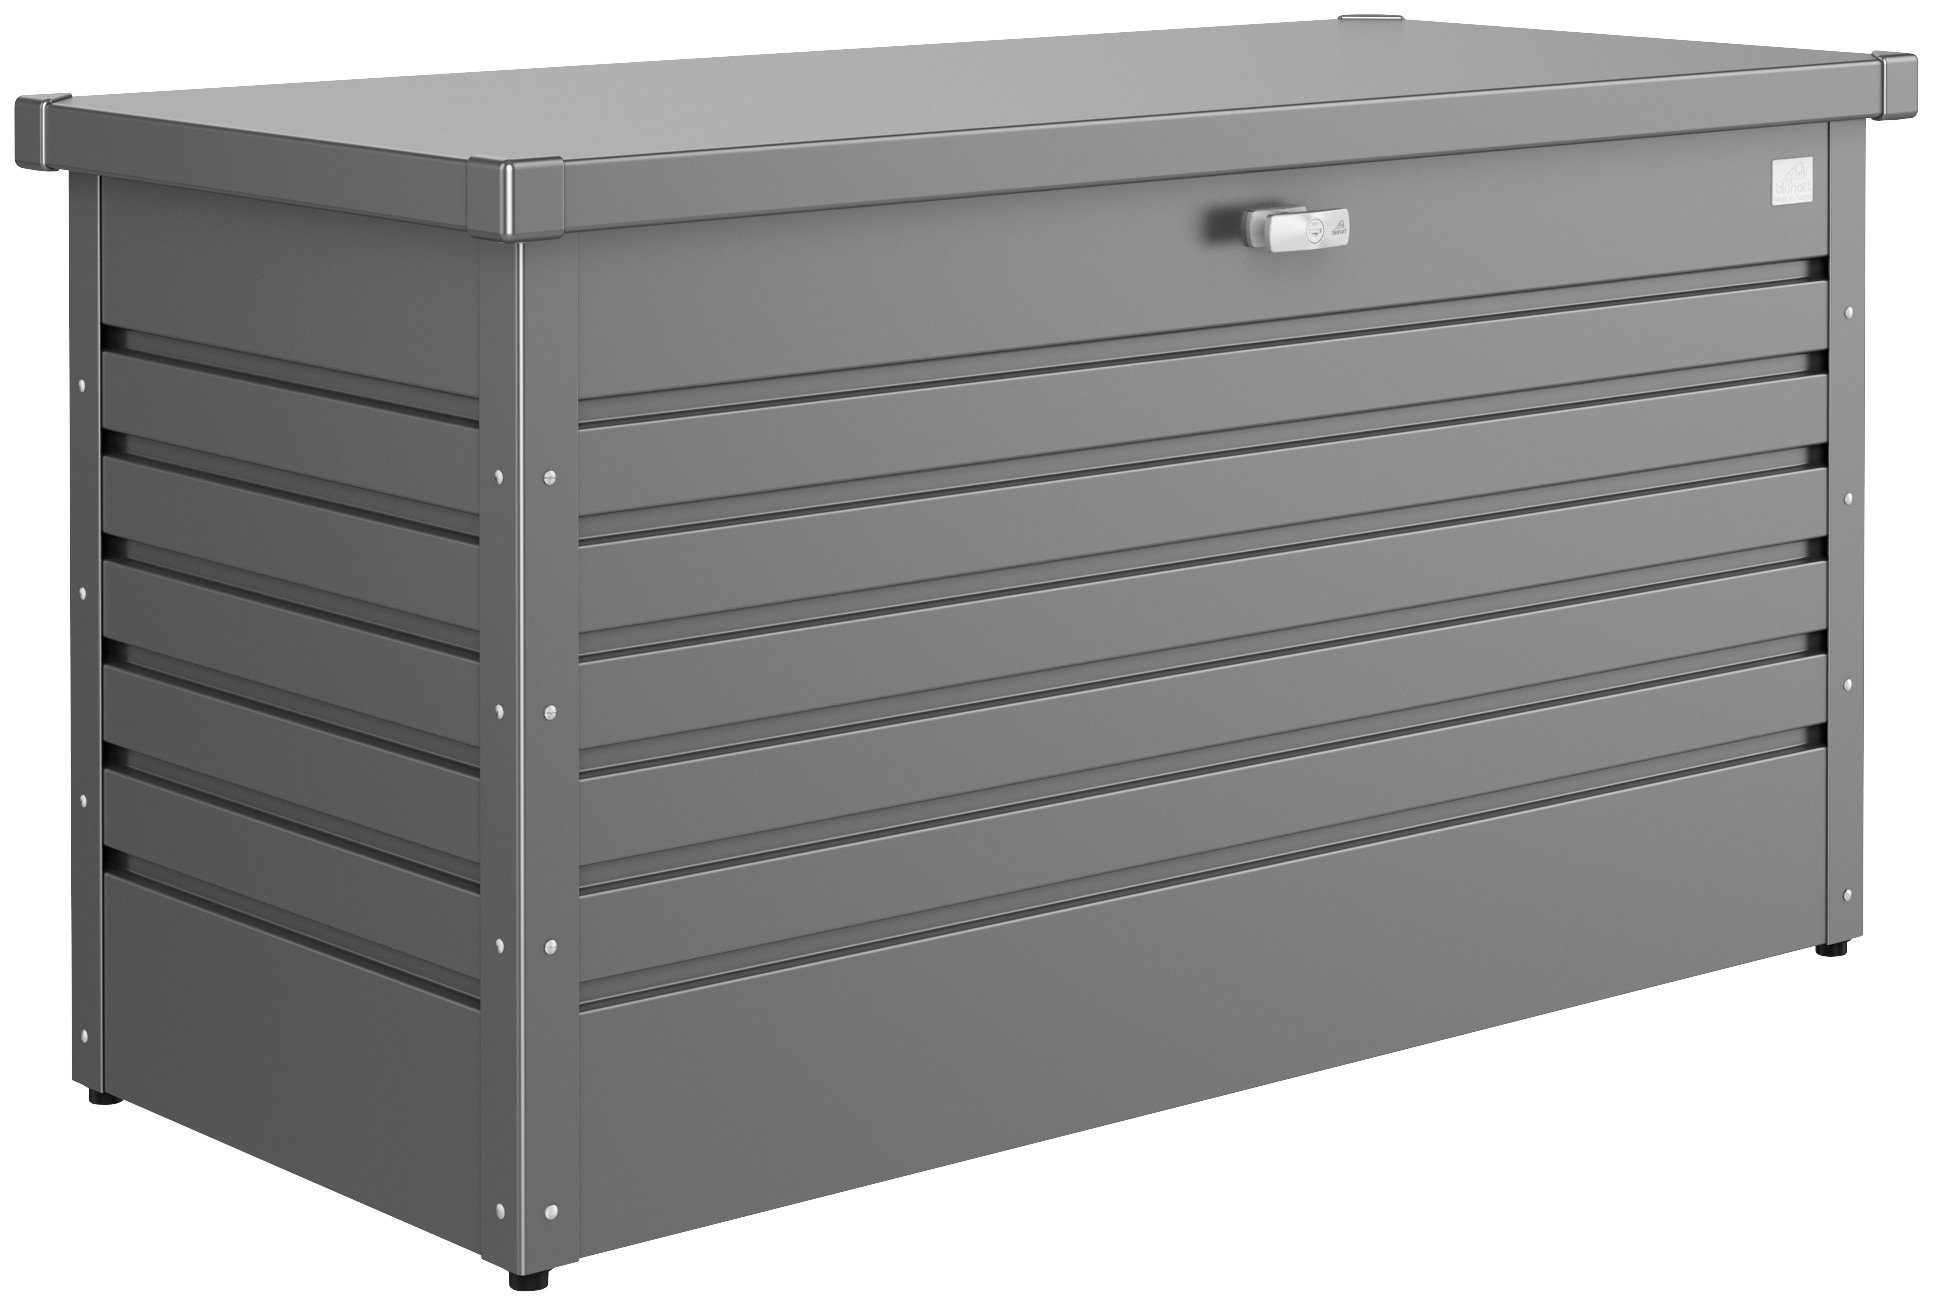 Aufbewahrungsbox »130«, BxTxH: 134x62x71 cm